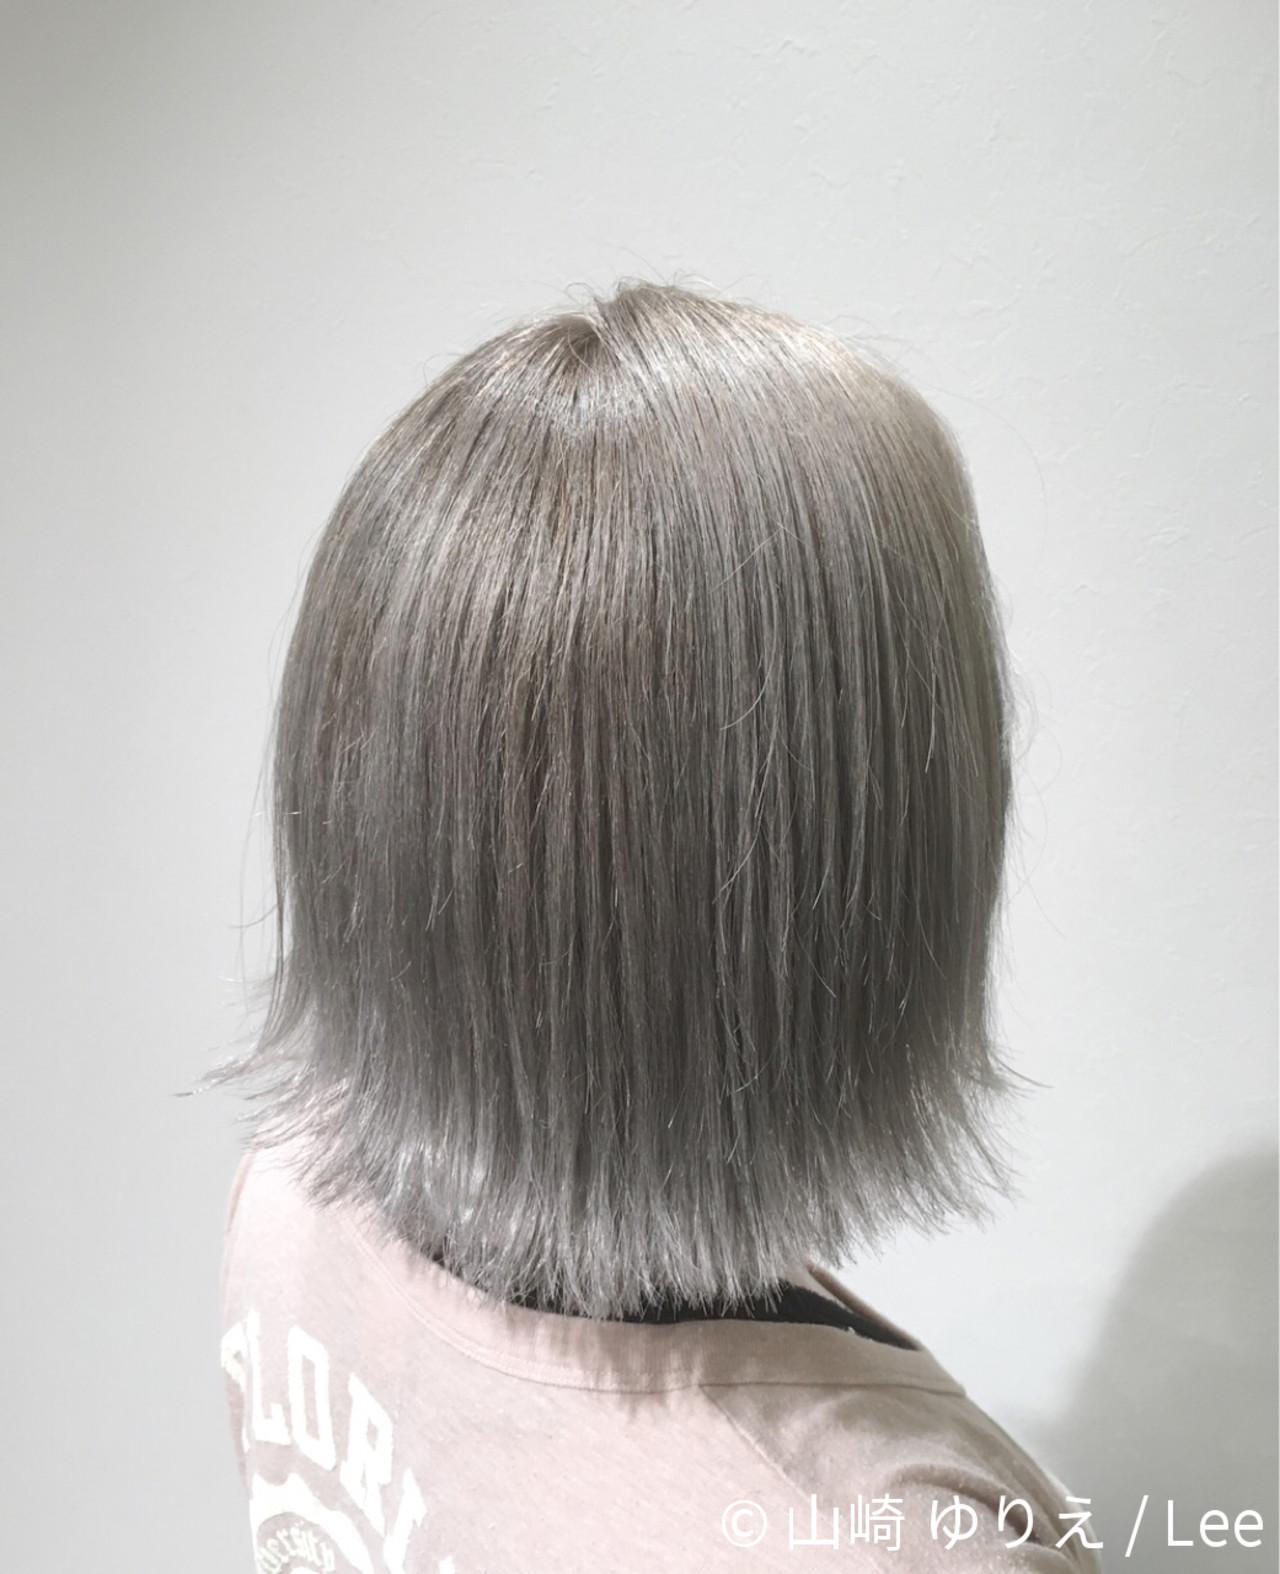 外国人風 外ハネ ハイライト ボブ ヘアスタイルや髪型の写真・画像 | 山崎 ゆりえ / Lee / lee東大阪